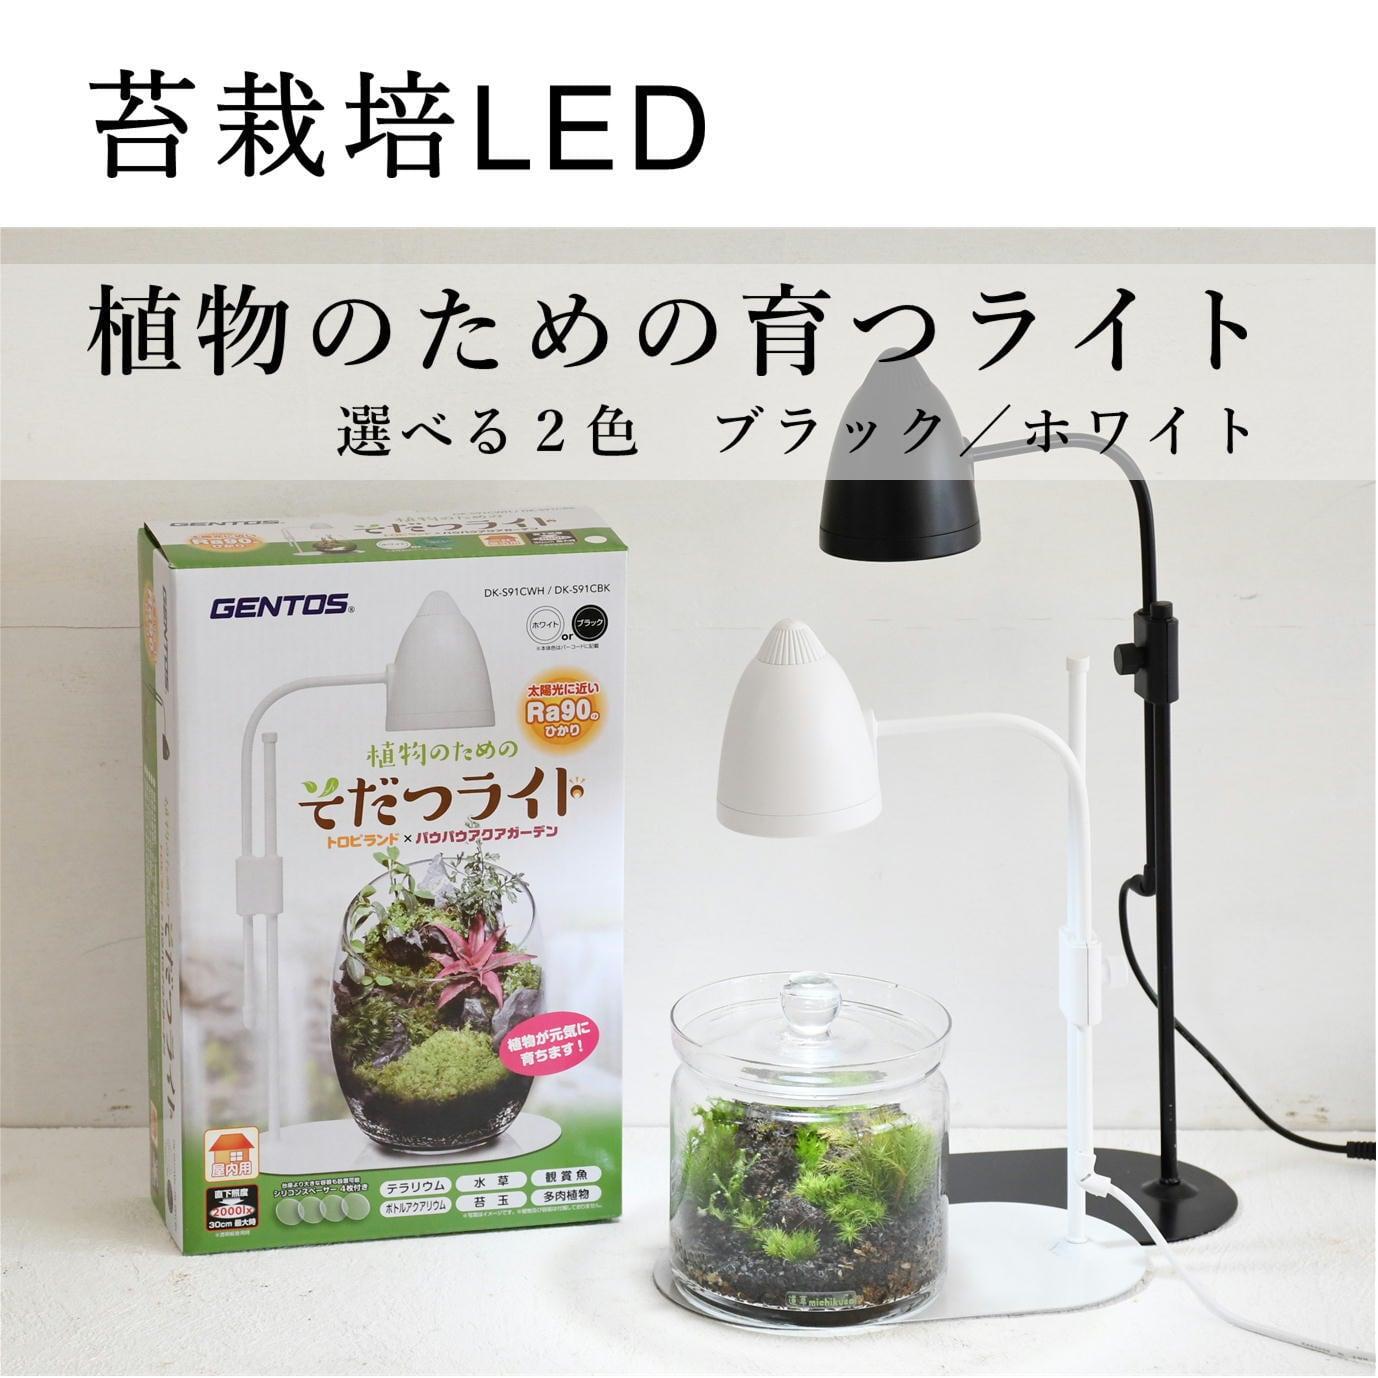 【苔テラリウム栽培用】 植物のためのそだつライト ブラック/ホワイト/シルバー